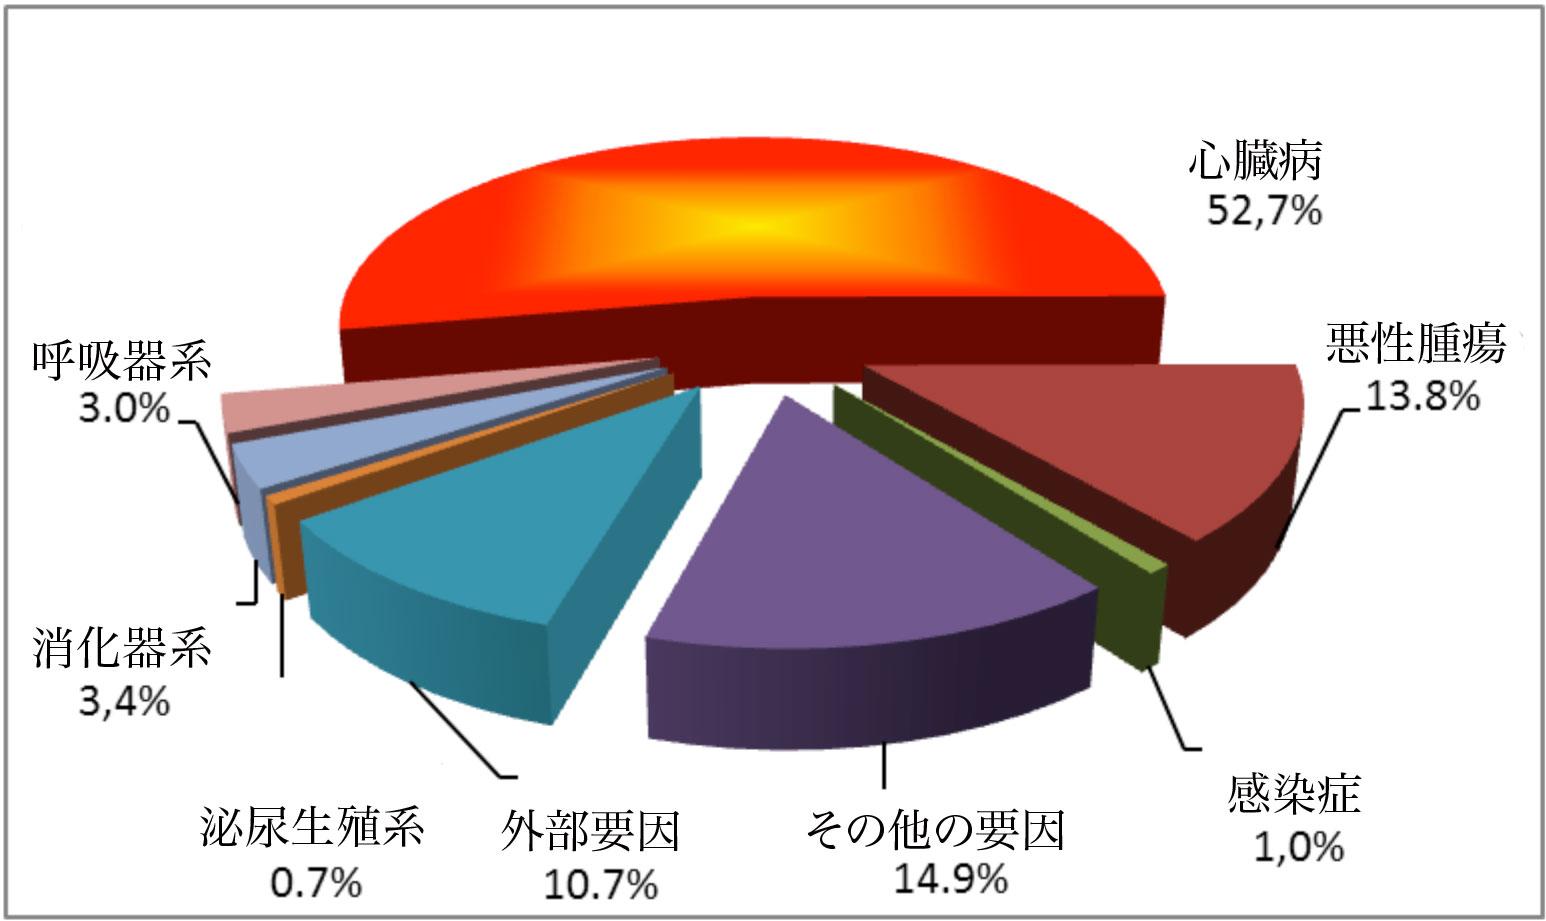 図2-8_ ベラルーシの死因構成、2008年[訳注:外部要因とは事故・犯罪死など]